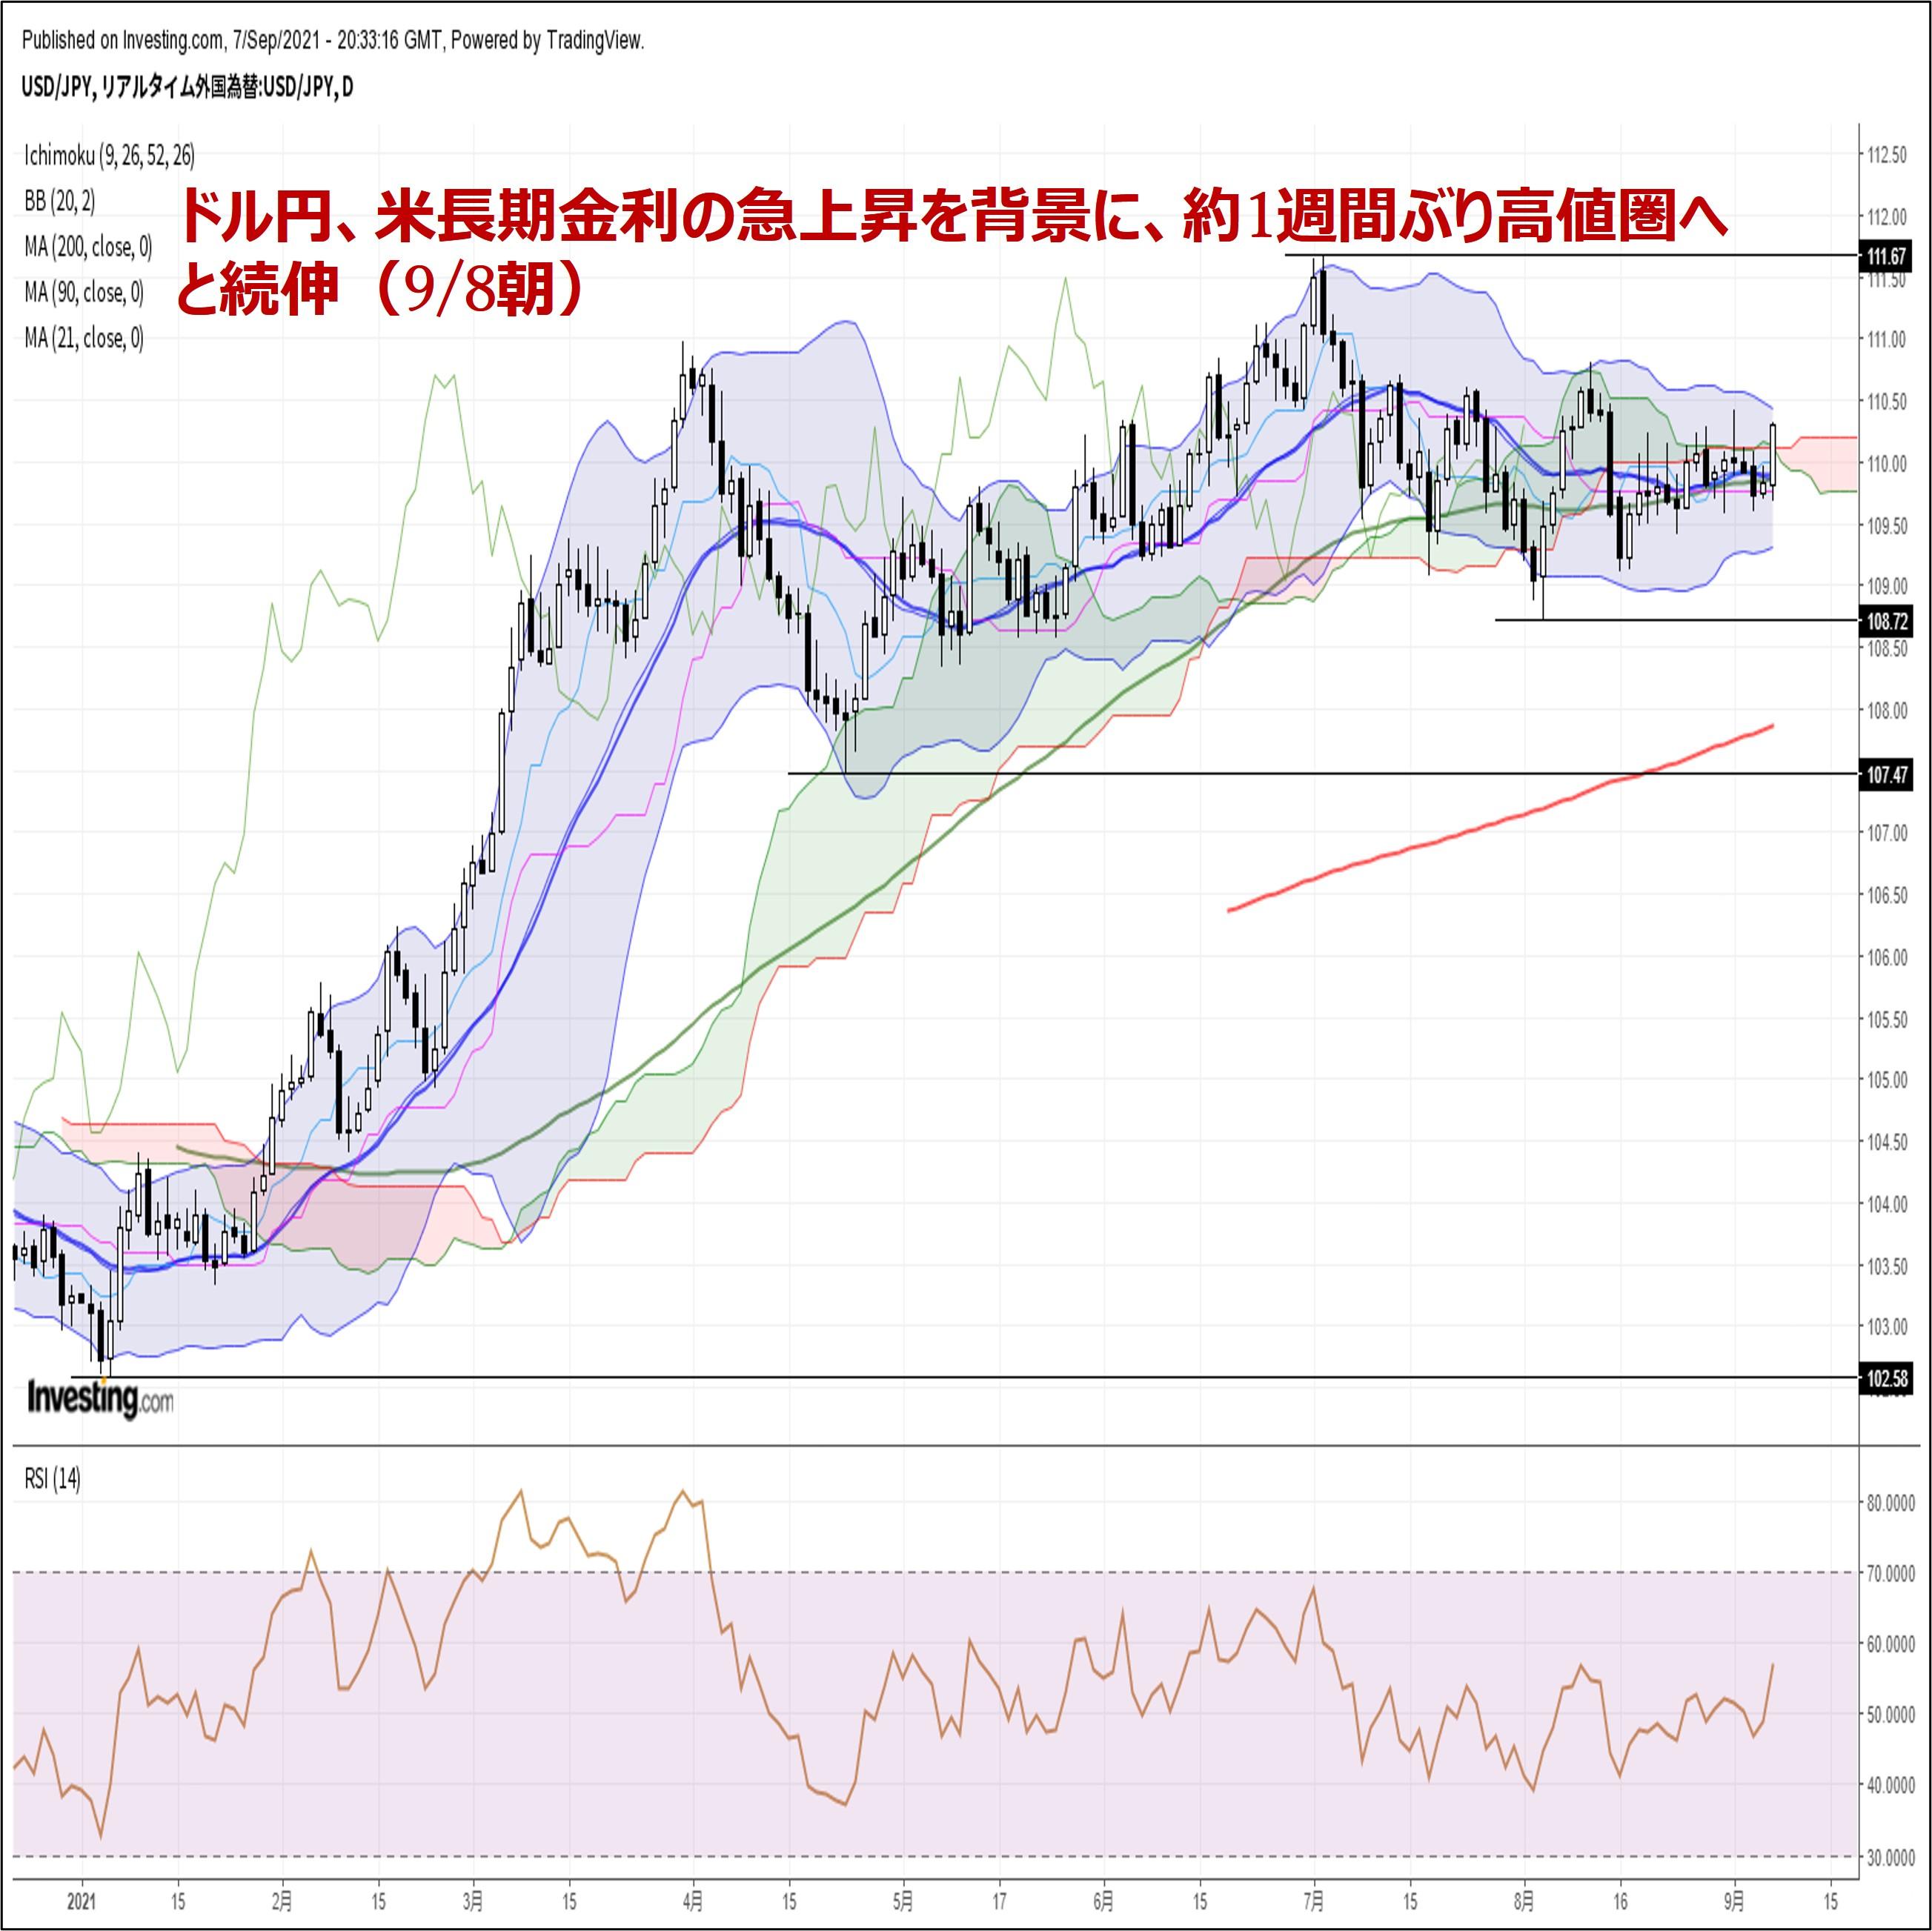 ドル円、米長期金利の急上昇を背景に、約1週間ぶり高値圏へと続伸